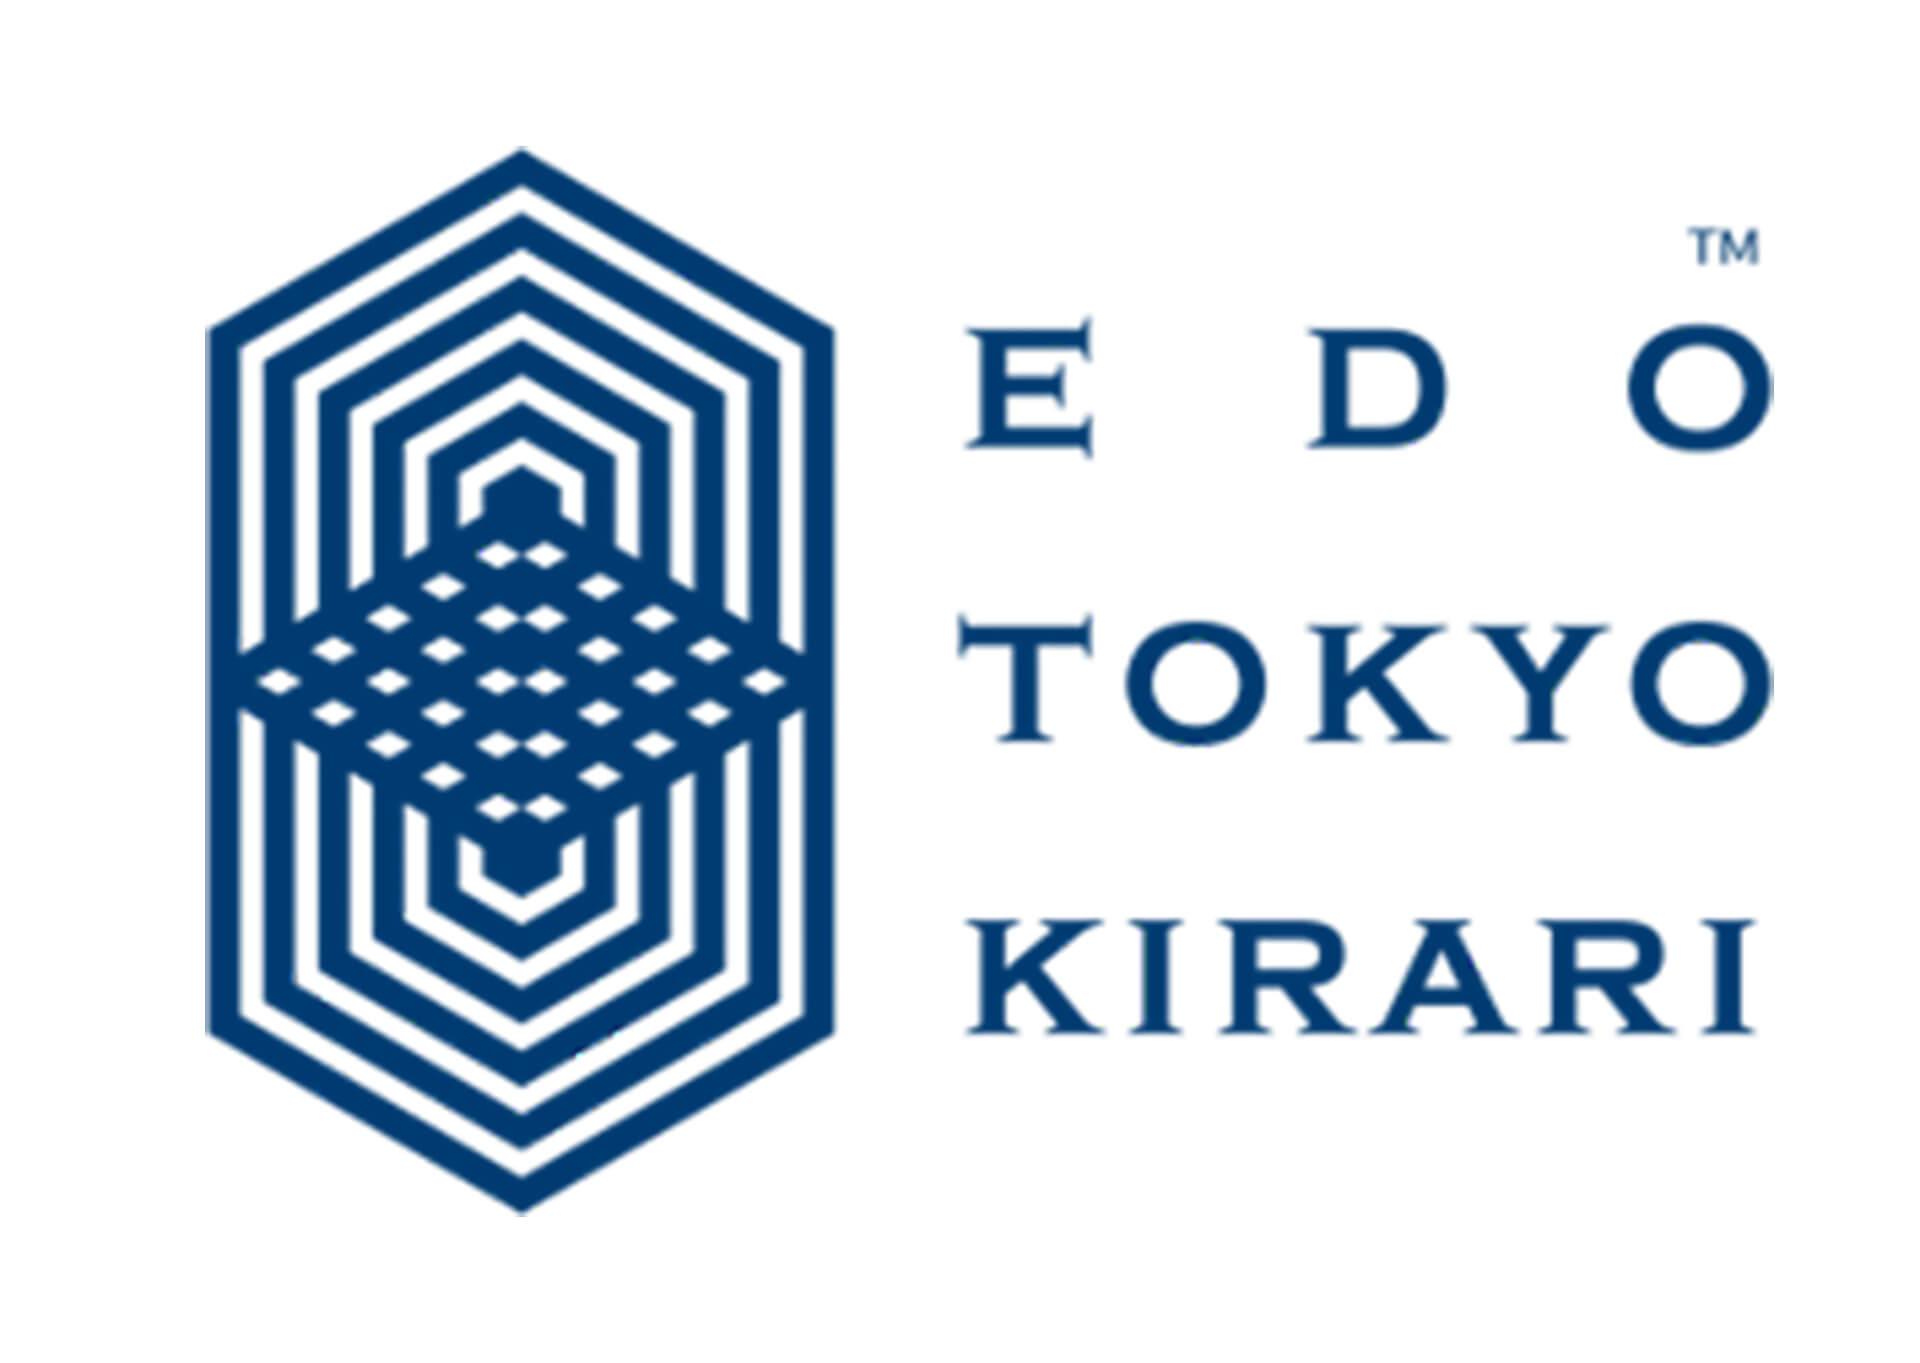 江戸東京リシンク展・ロゴ